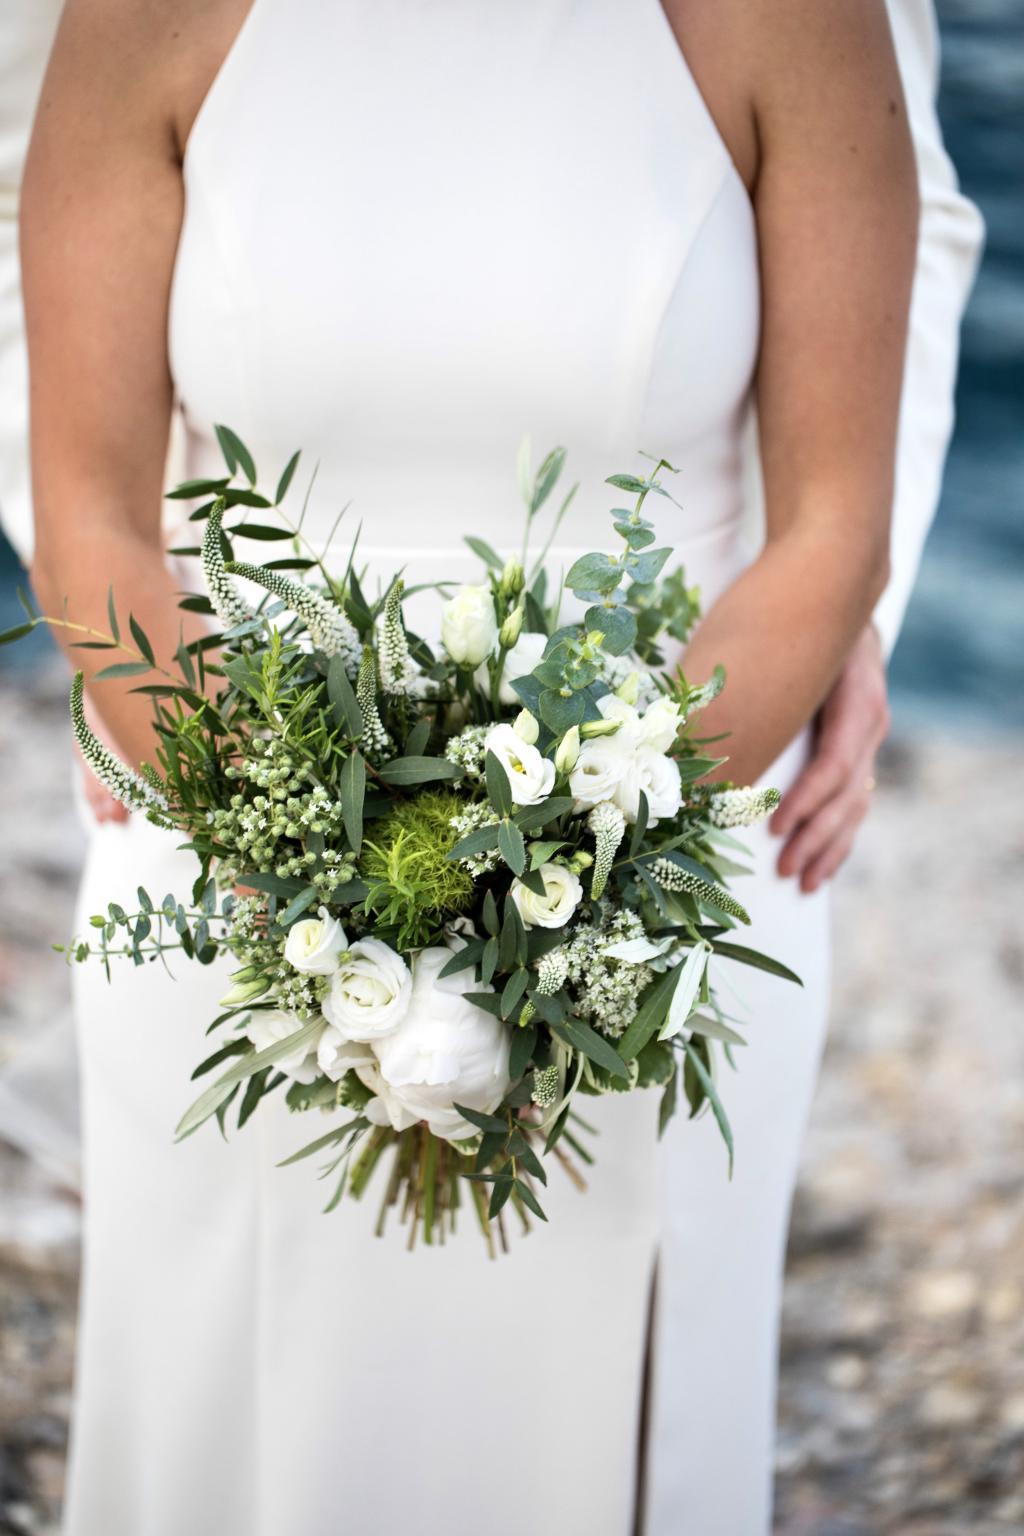 M&AJ Spetses wedding - Image 3